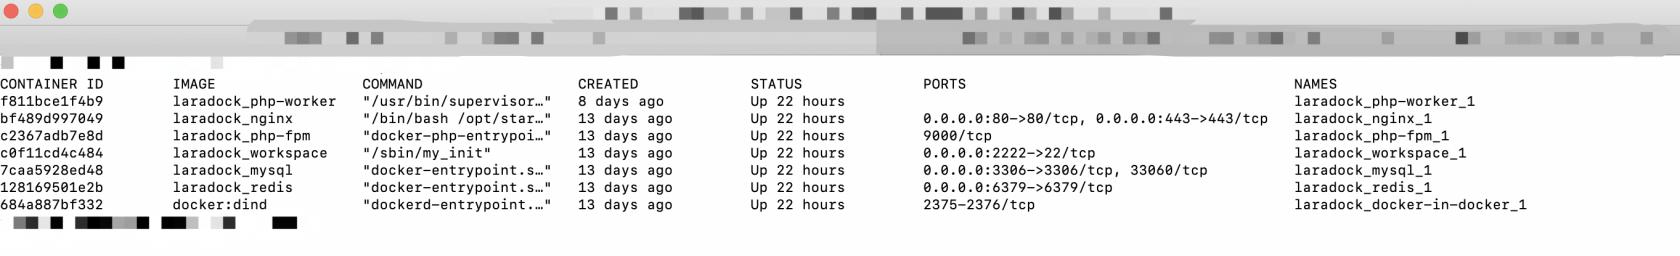 撸了快 3 年的 Laravel 了,尽量这周分享本人使用的多台服务器集群部署方案